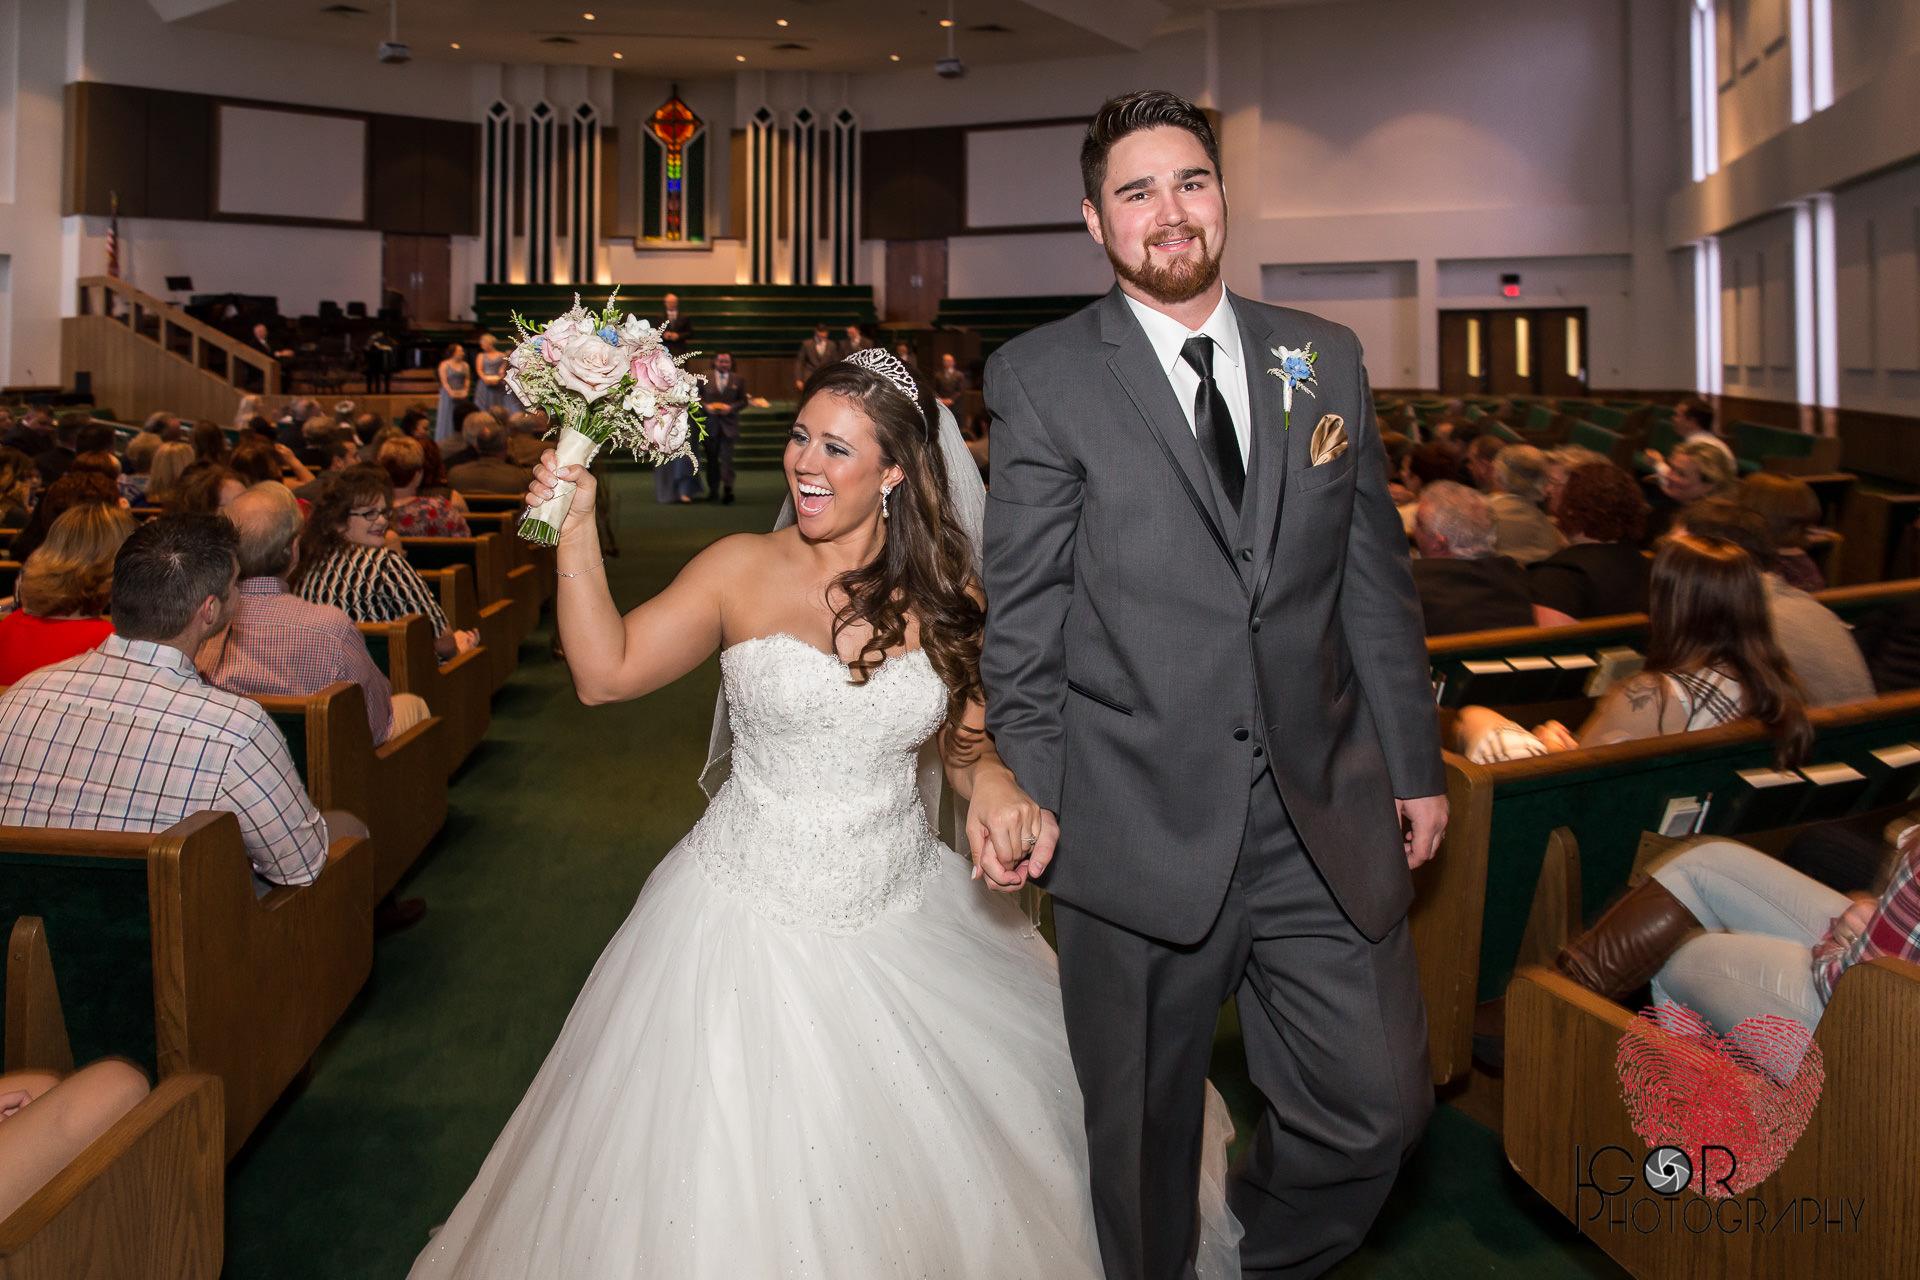 Married couple in joy